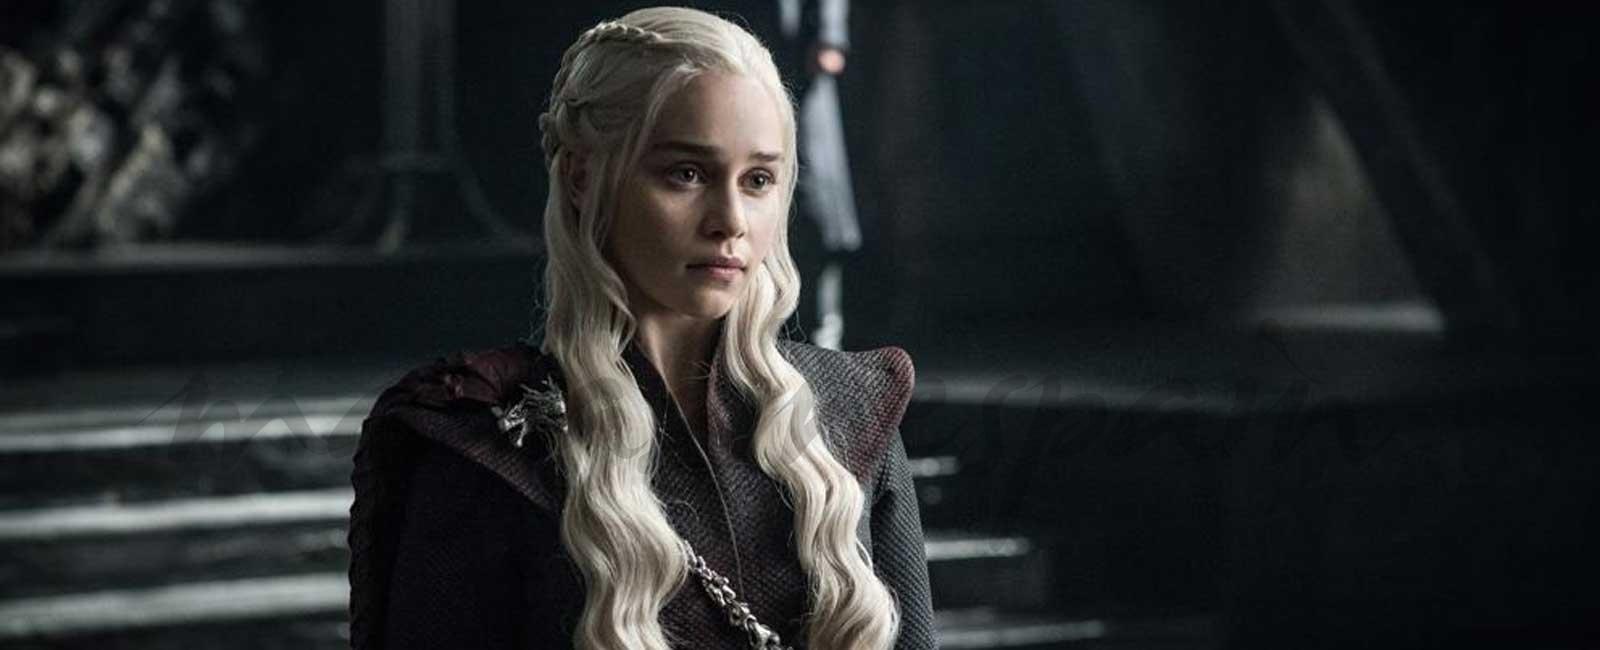 «Juego de Tronos»: Primeras imágenes de los protagonistas de la séptima temporada